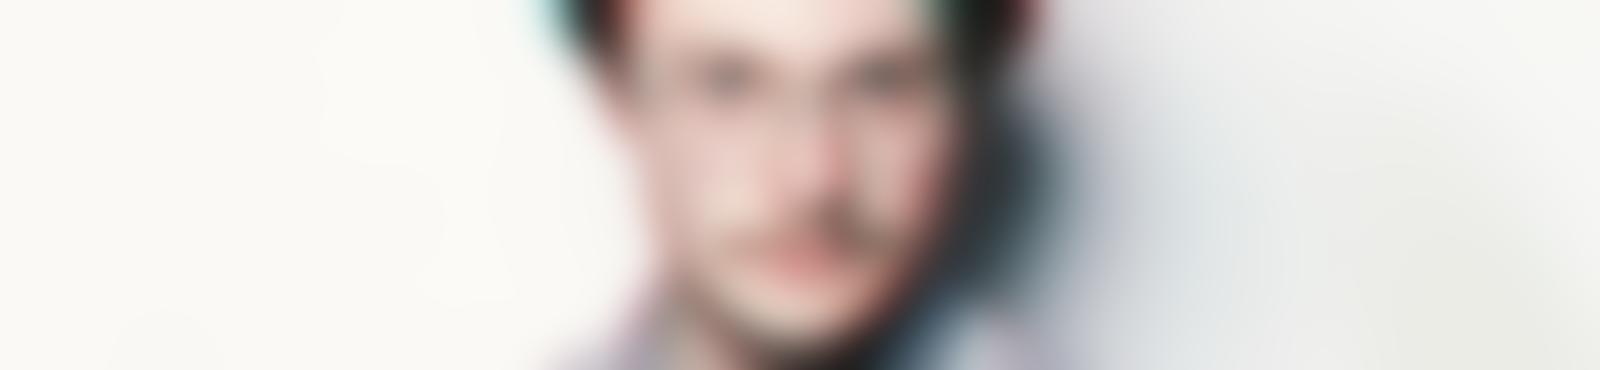 Blurred d491b569 1720 439a 9b41 38c4d2c79edb